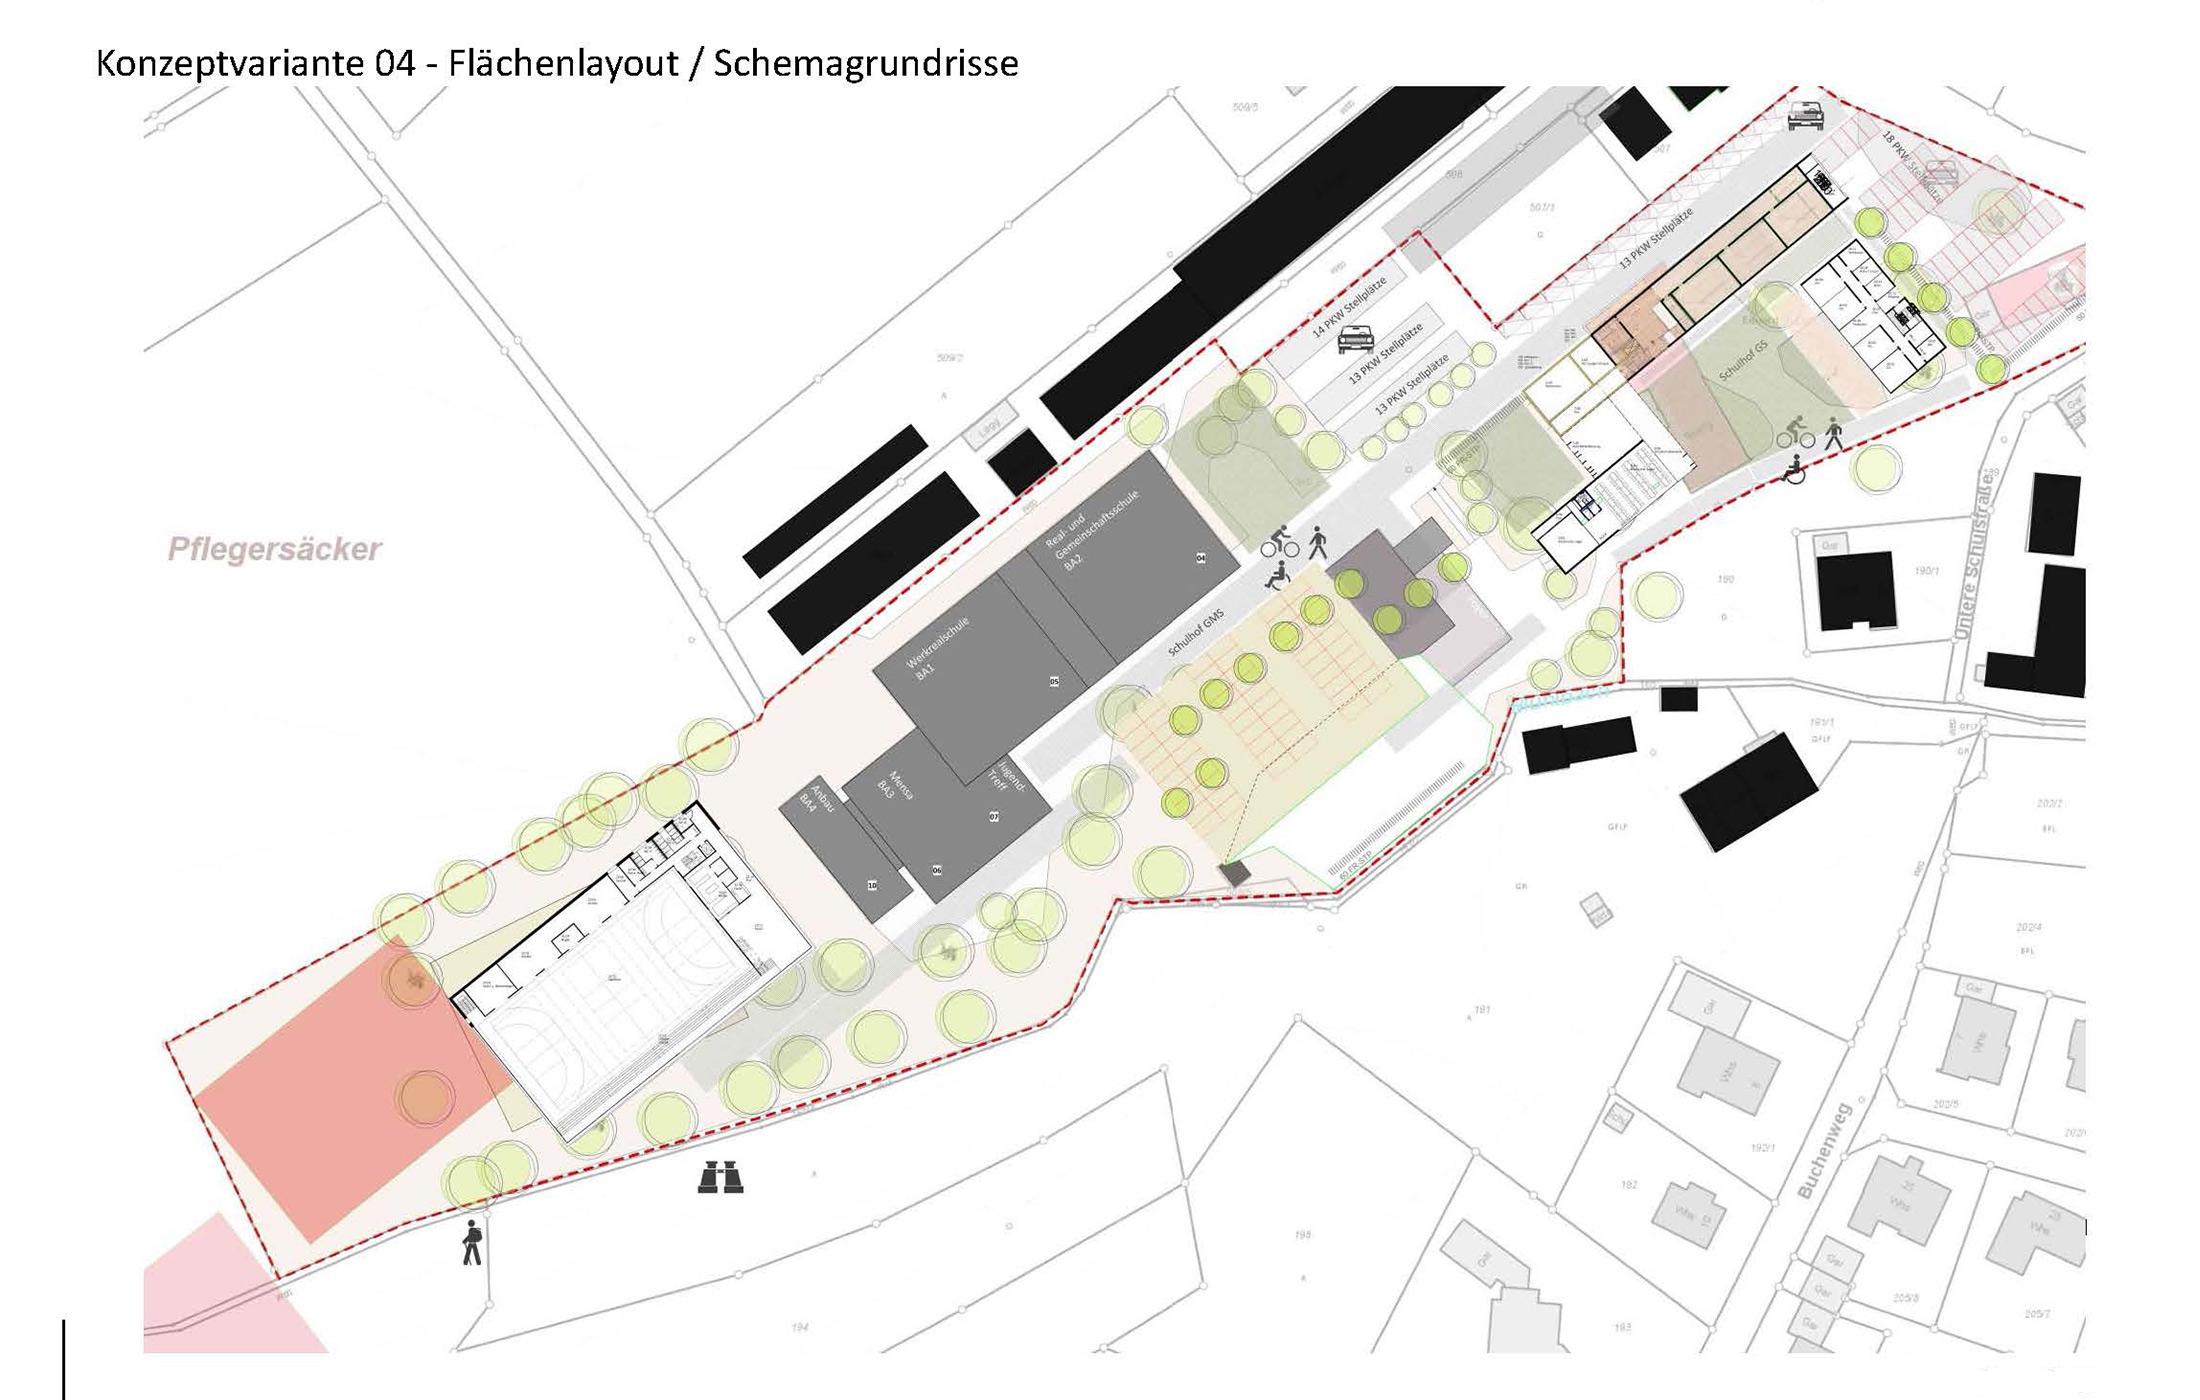 2016, Strukturelle Untersuchung und Masterplanung. Schulzentrum mit Hallenbad Loßburg